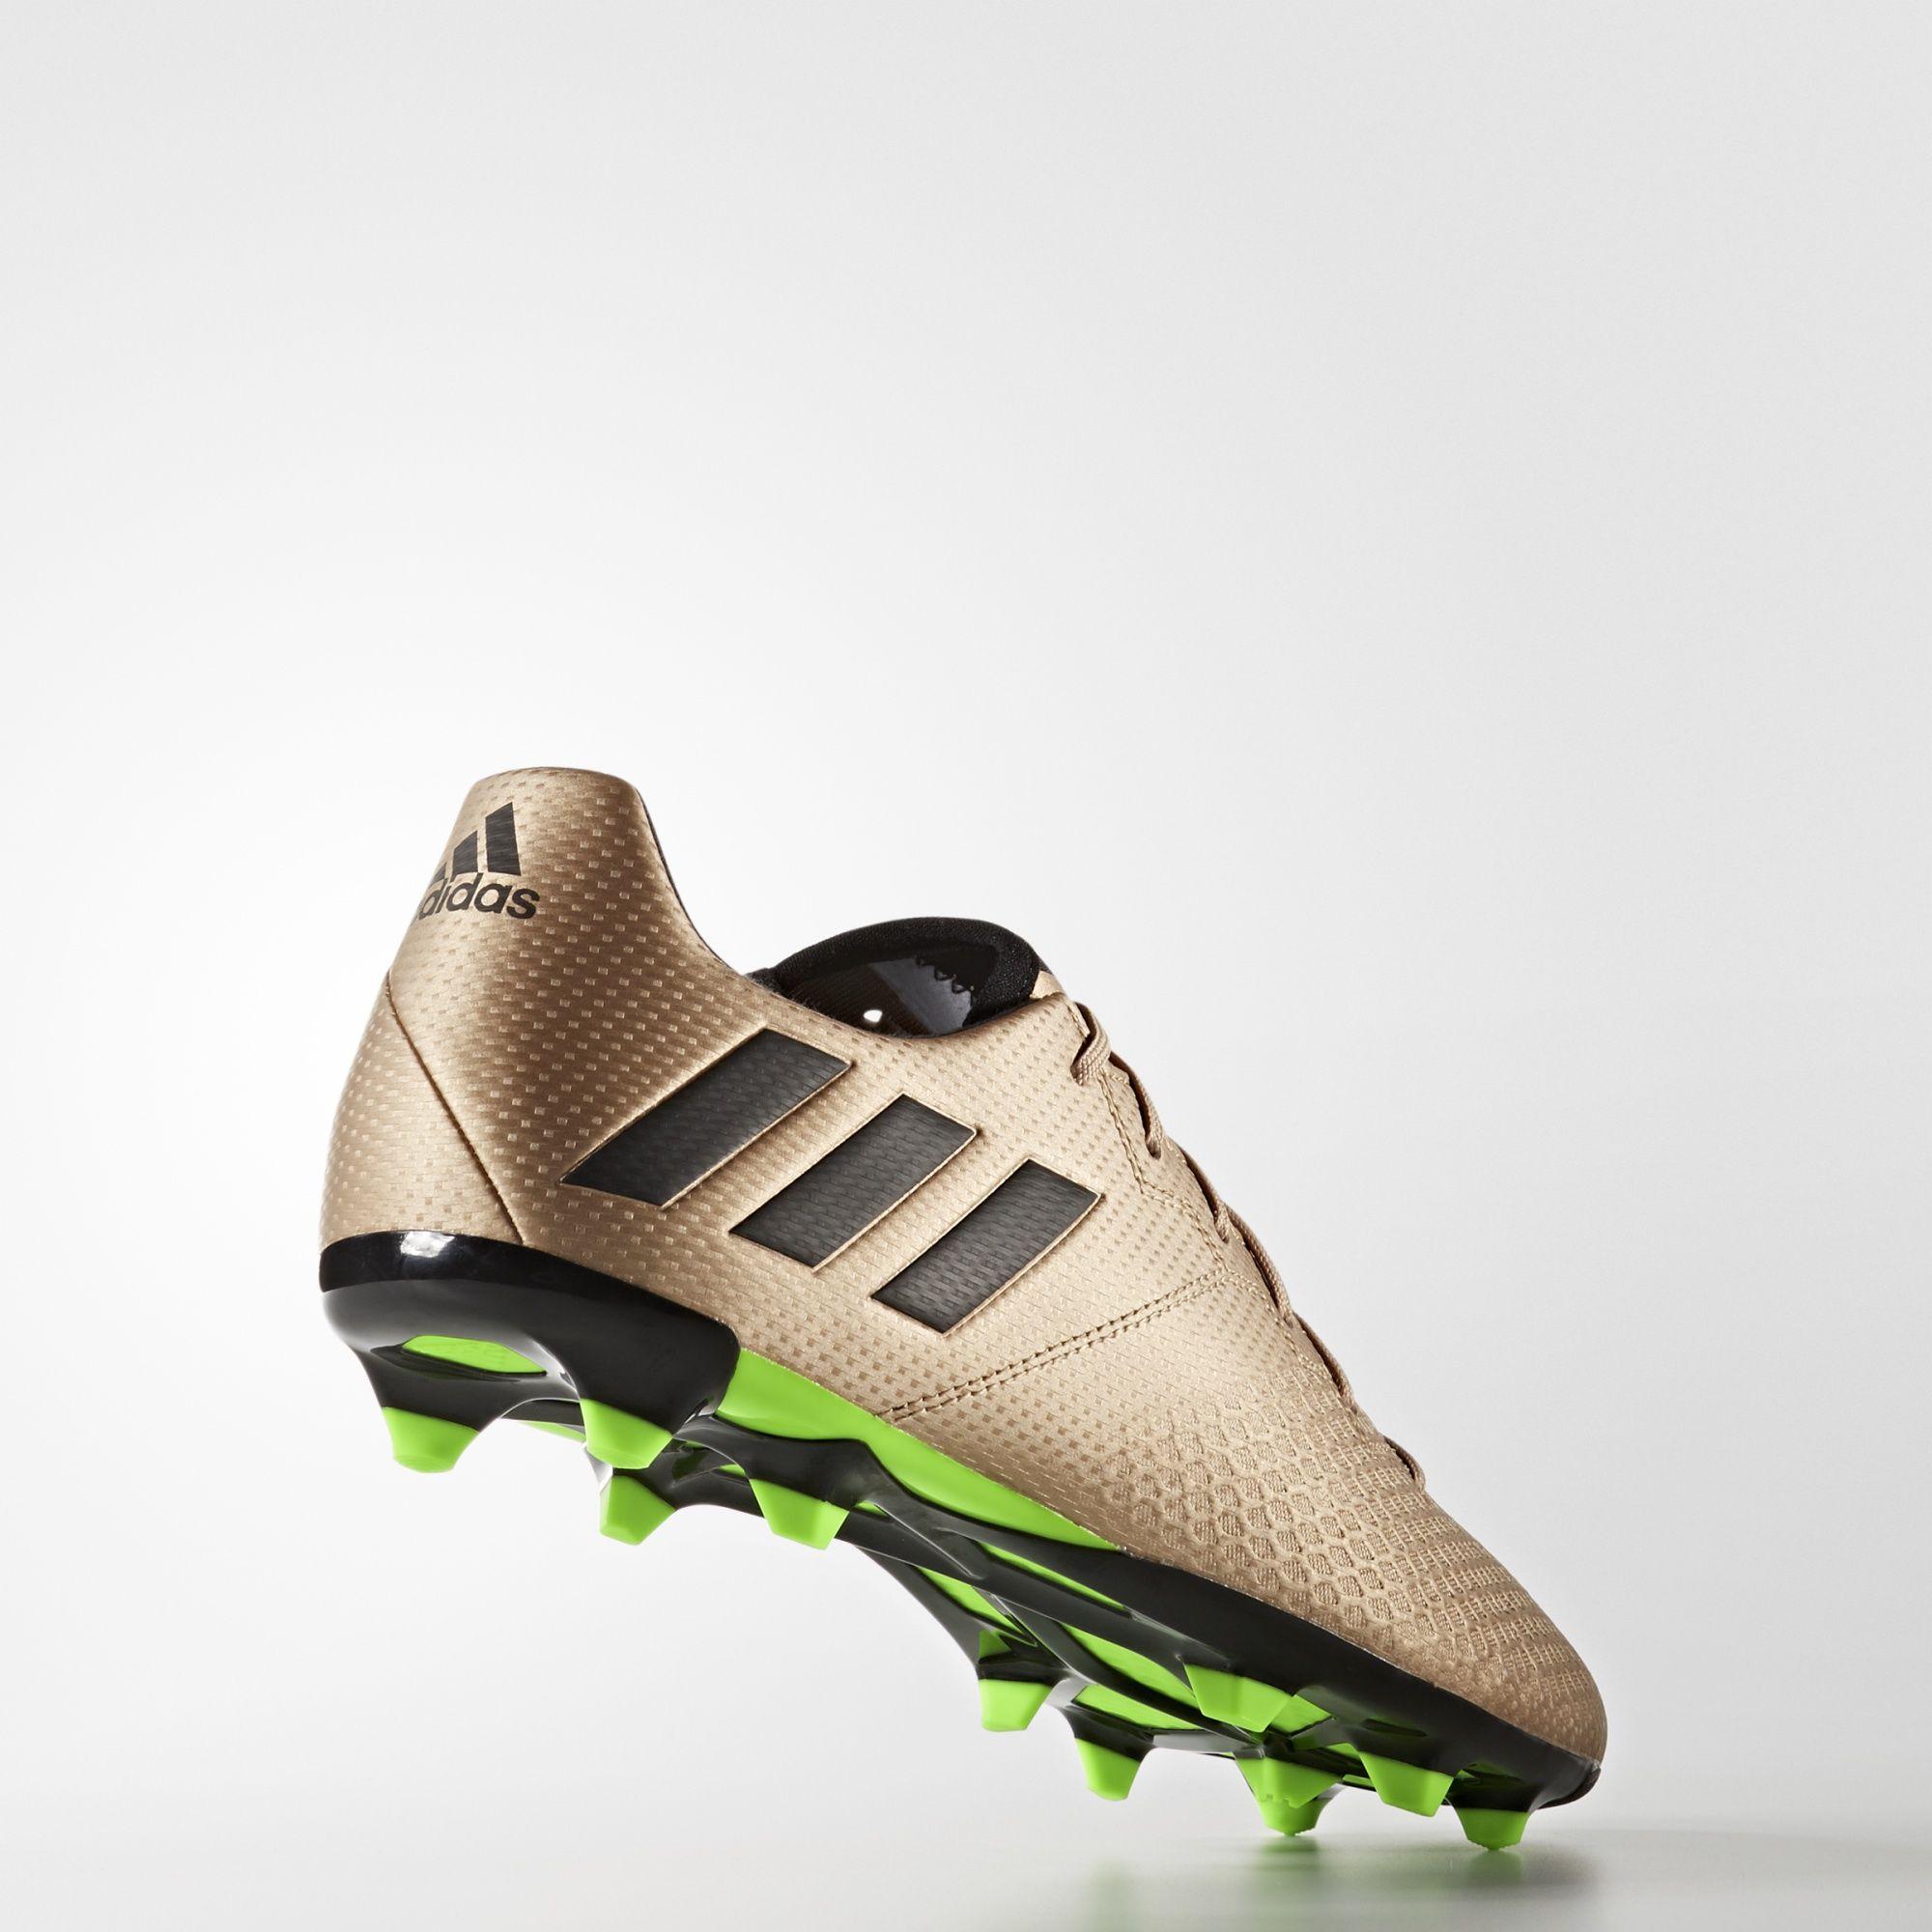 bf98f961 Футбольные бутсы Messi 16.3 FG M BA9838 adidas Performance - Украина ...